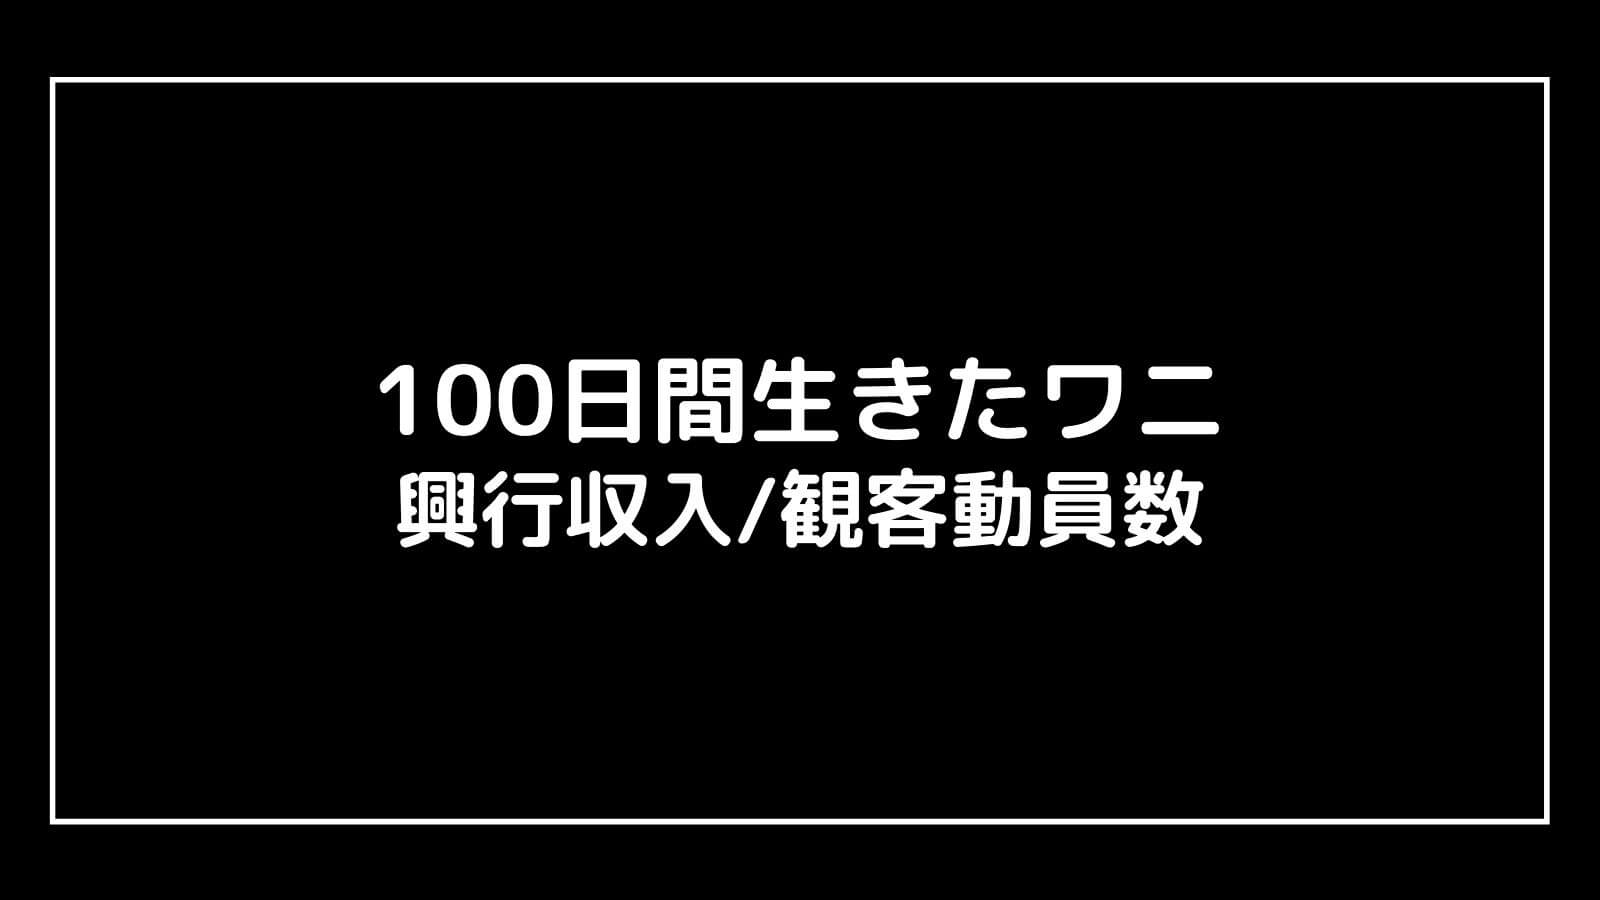 映画『100日間生きたワニ』興行収入推移と最終興収を元映画館社員が予想【100日後に死ぬワニ】